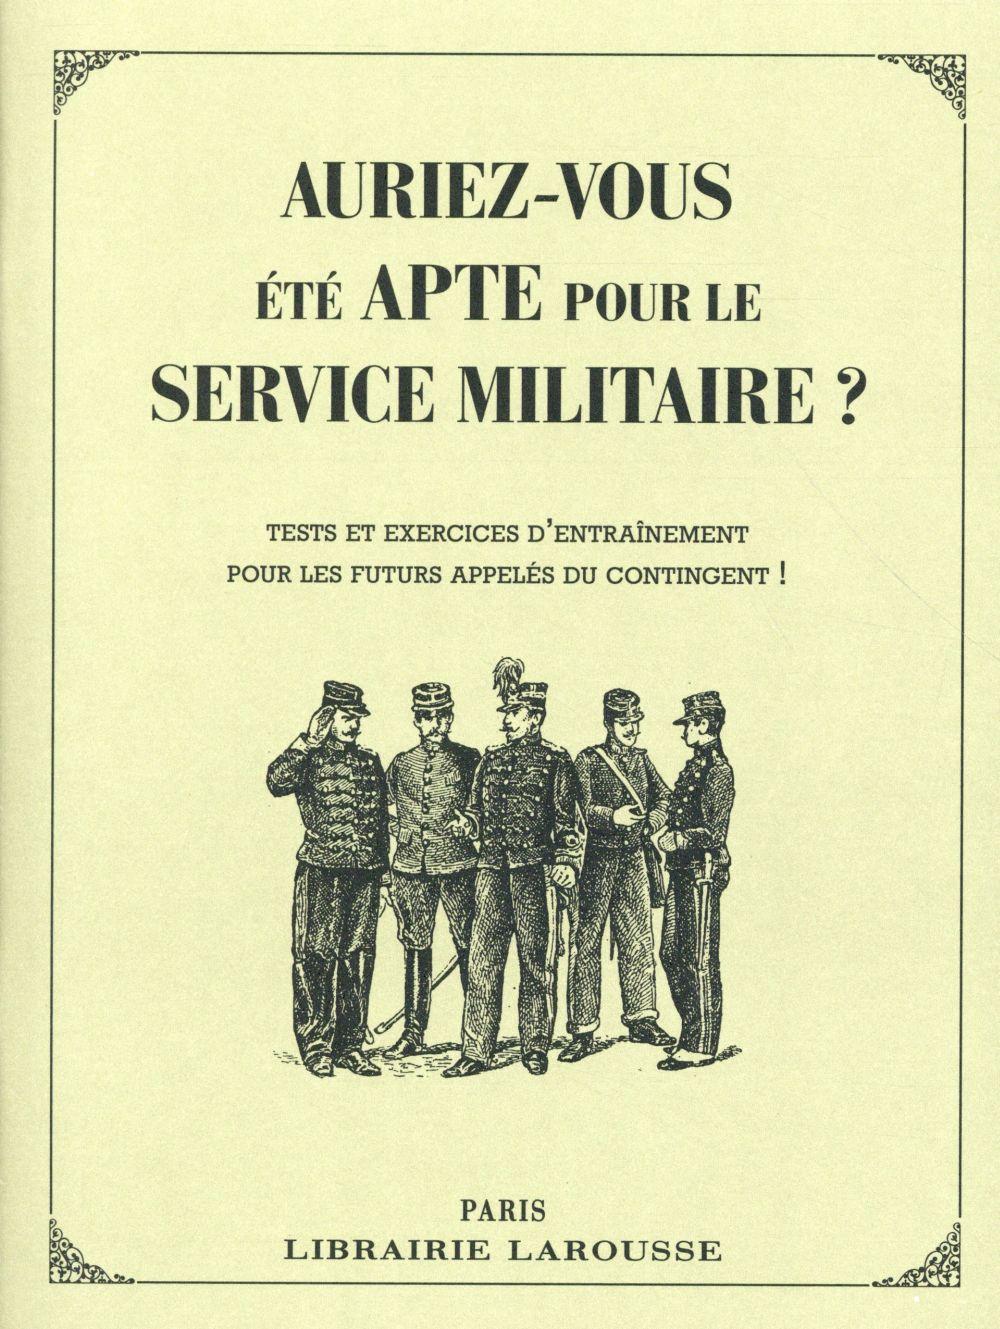 AURIEZ-VOUS ETE BON POUR LE SERVICE MILITAIRE ? XXX Larousse